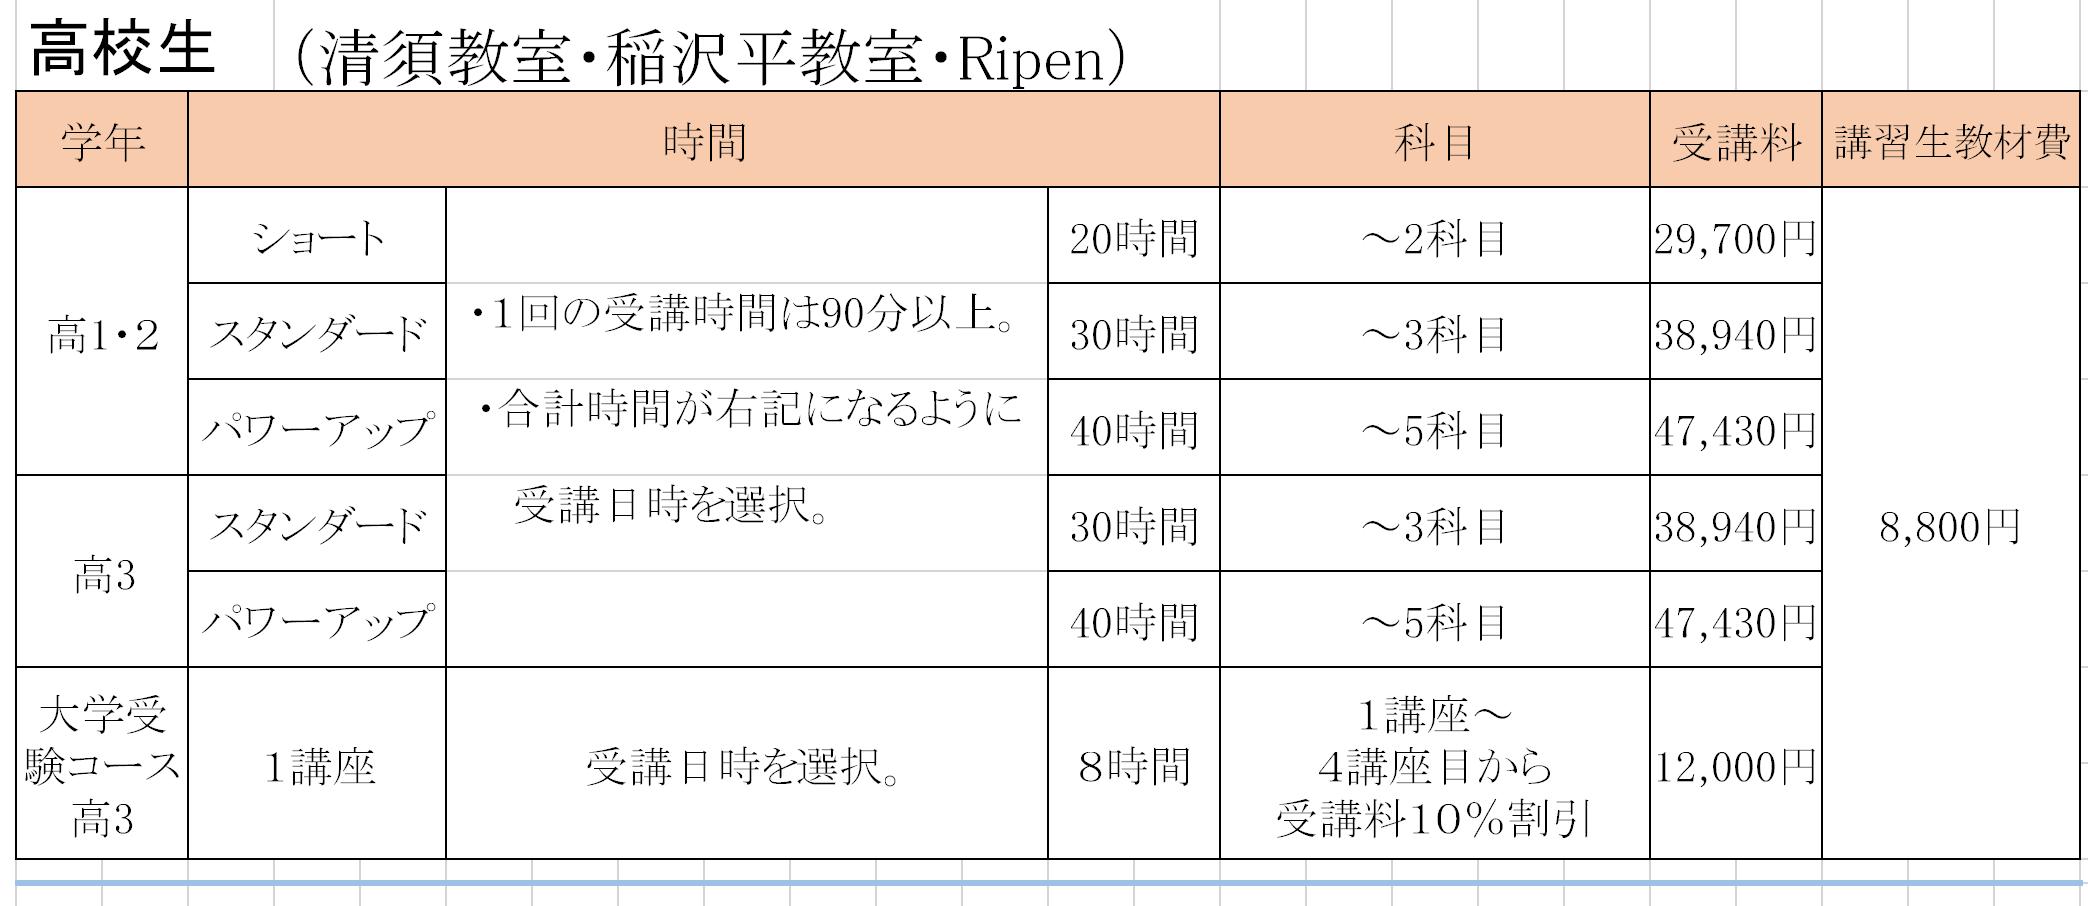 2021%ef%bc%8e%e6%a1%88%e5%86%85%e3%83%bb%e6%97%a5%e7%a8%8b%e8%a1%a8-%e5%a1%be%e7%94%9f%e7%94%a8%e3%83%bb%e9%80%9a%e5%b8%b8%e3%81%82%e3%82%8a-%e5%a4%a7%e5%ad%a6%e5%8f%97%e9%a8%93%e7%94%9f%e7%94%a811